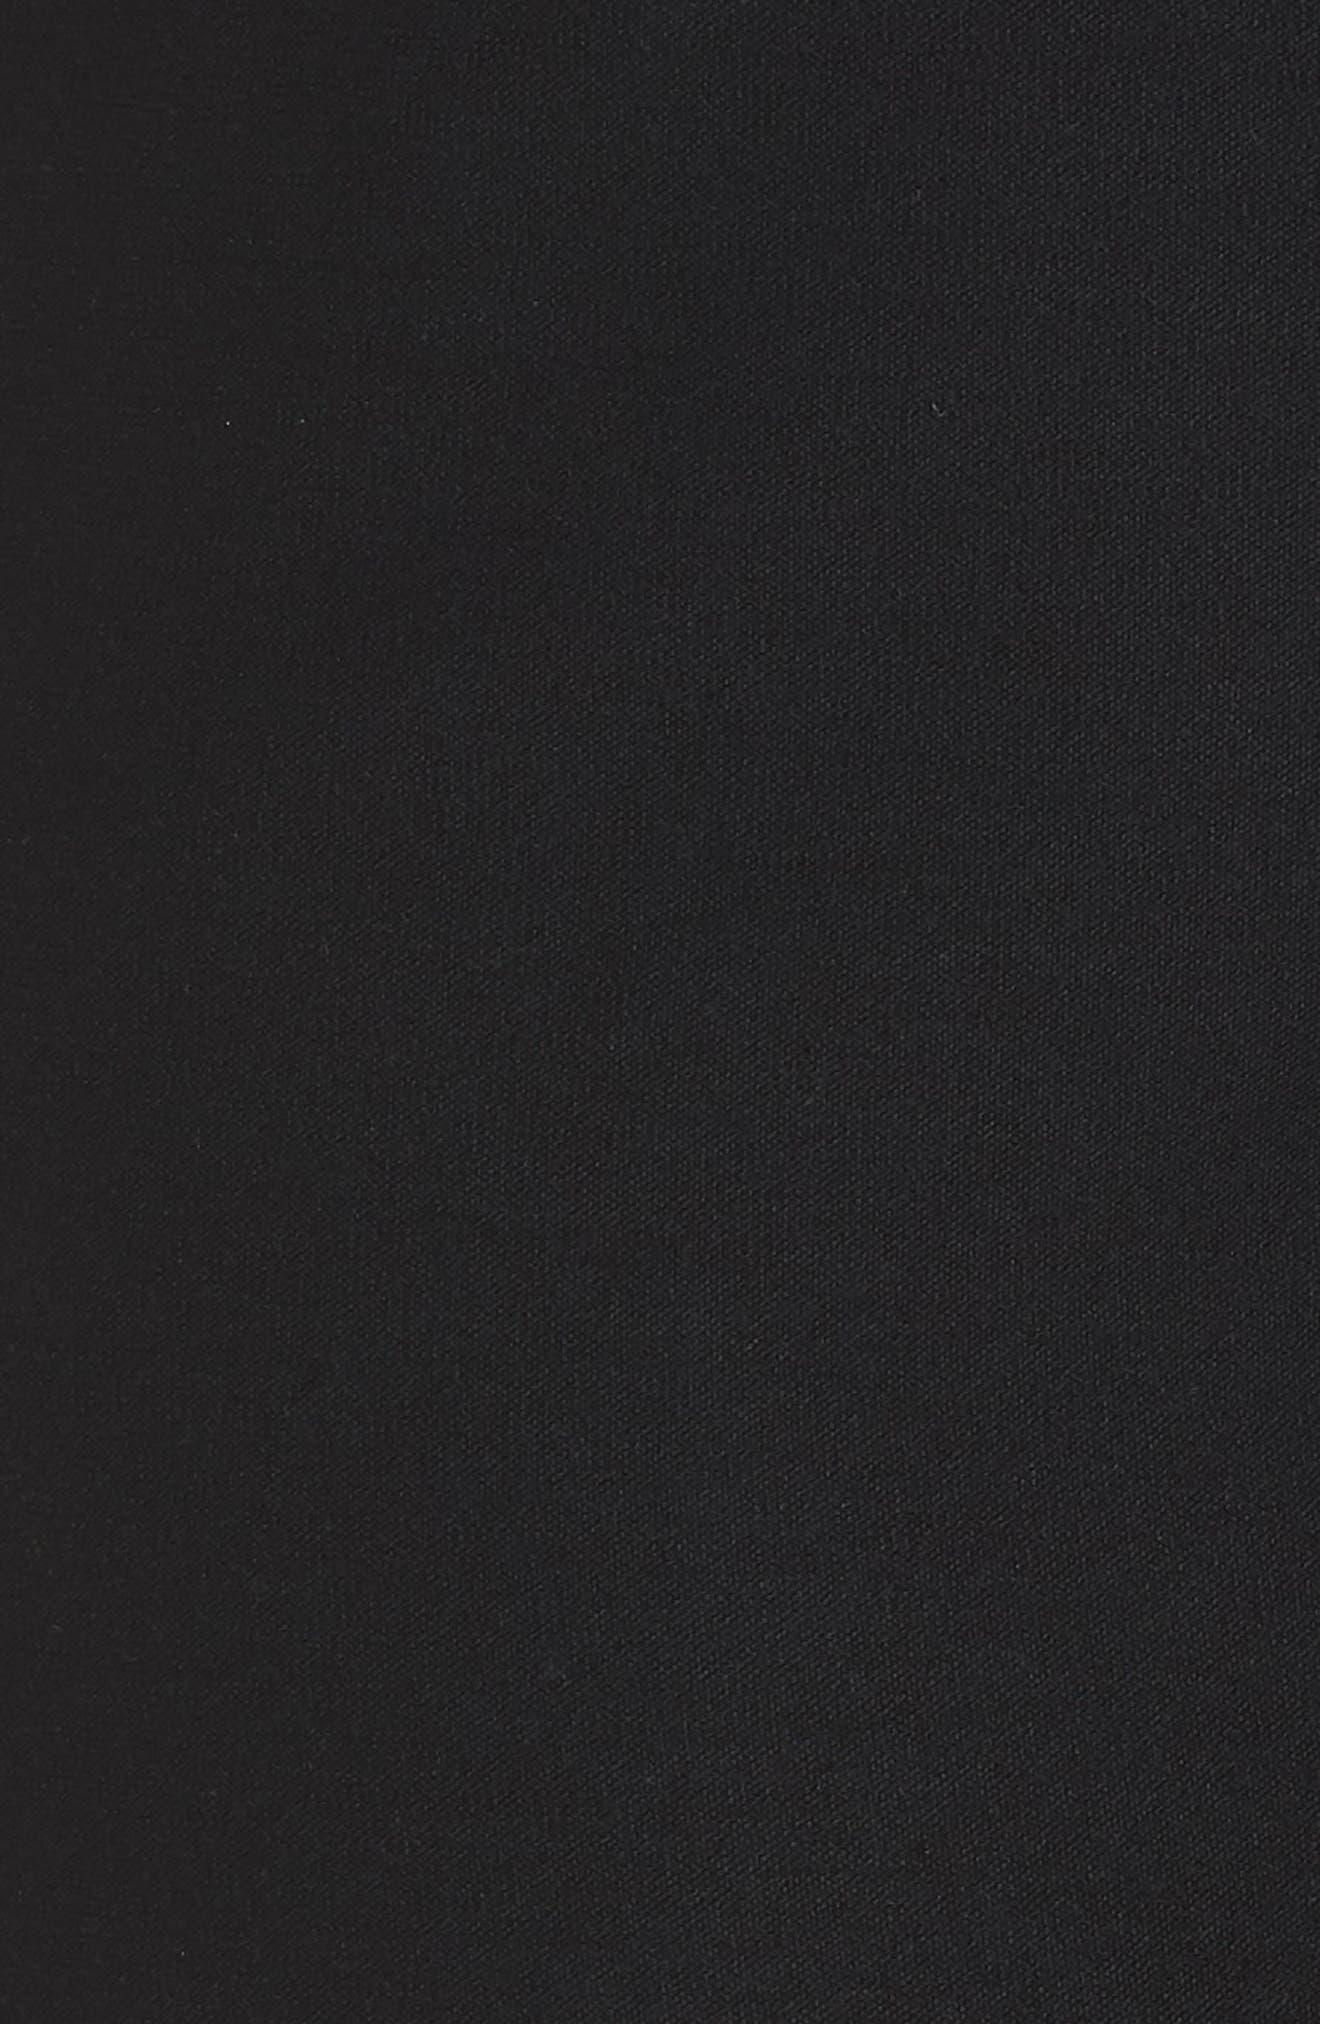 Straight Leg Knit Pants,                             Alternate thumbnail 3, color,                             Black